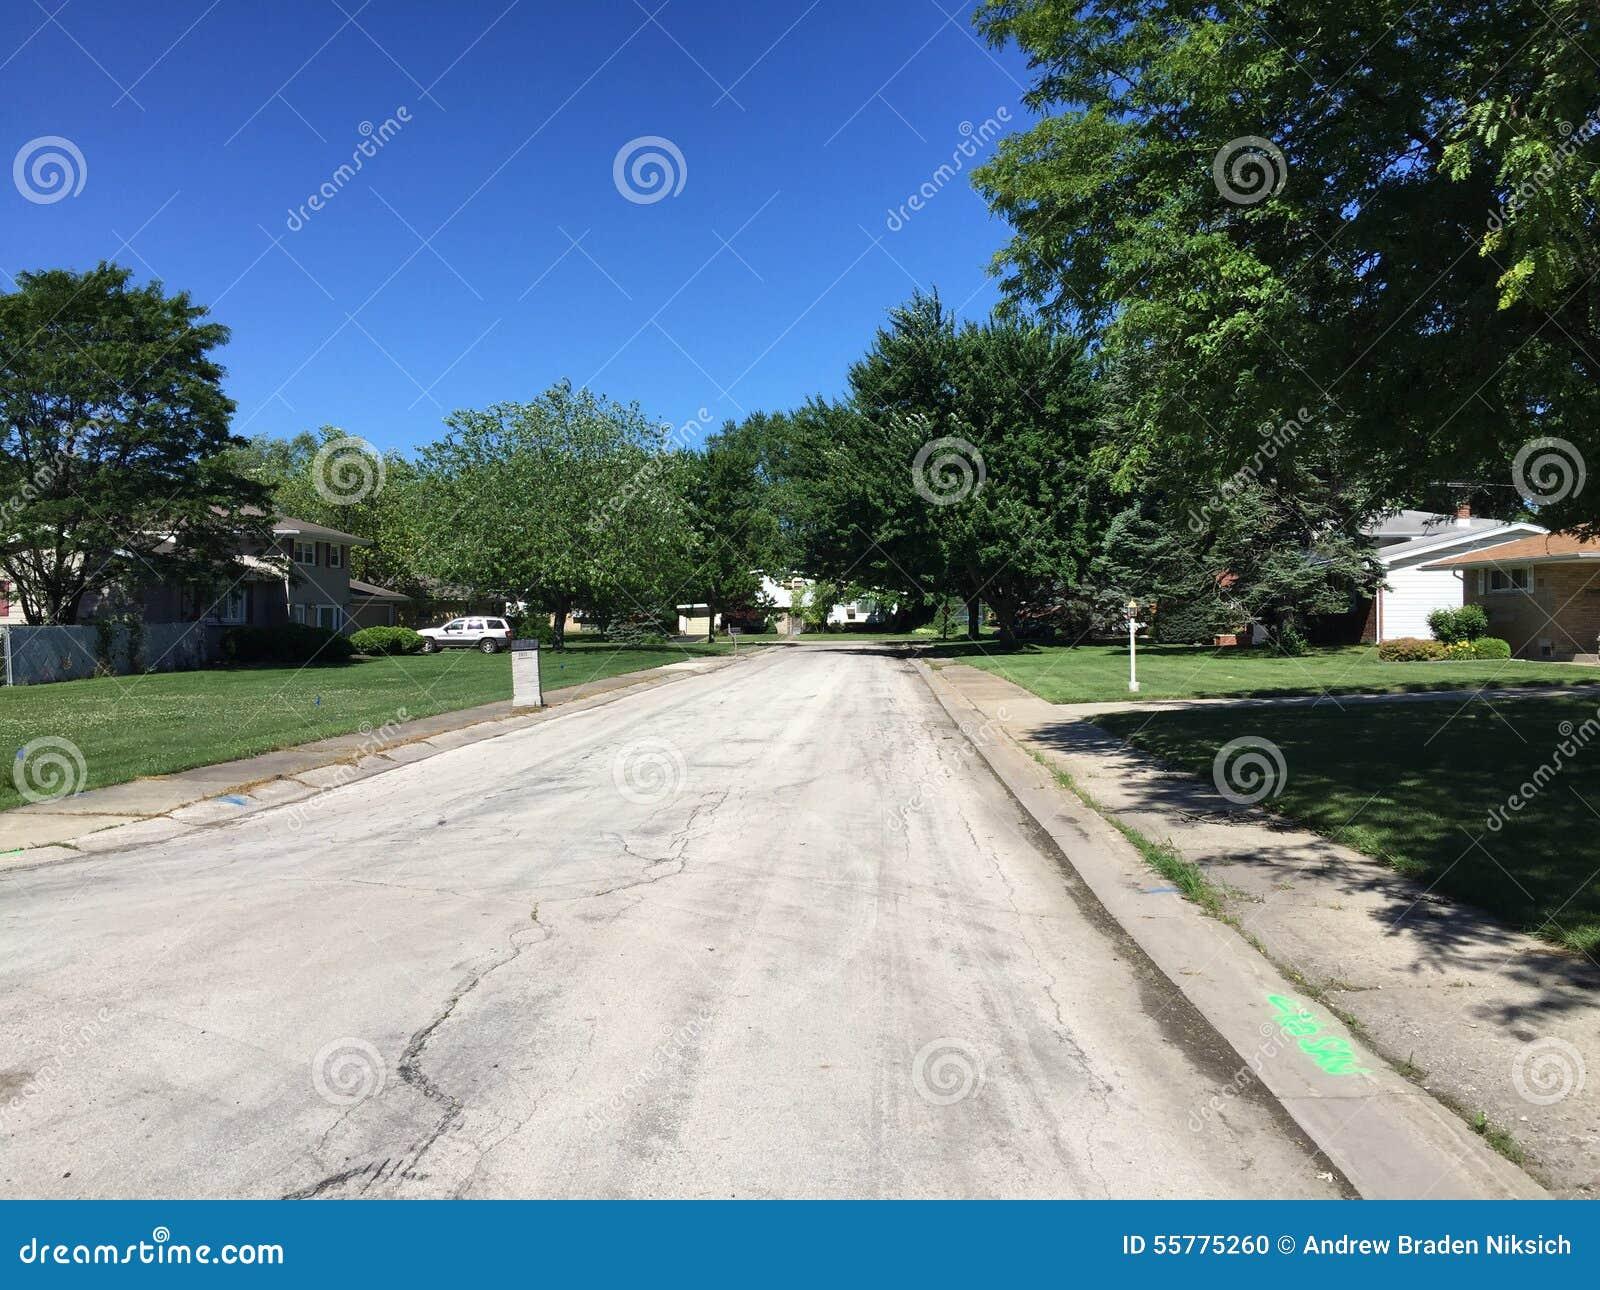 Neighborhood Stock Photo - Image: 55775260